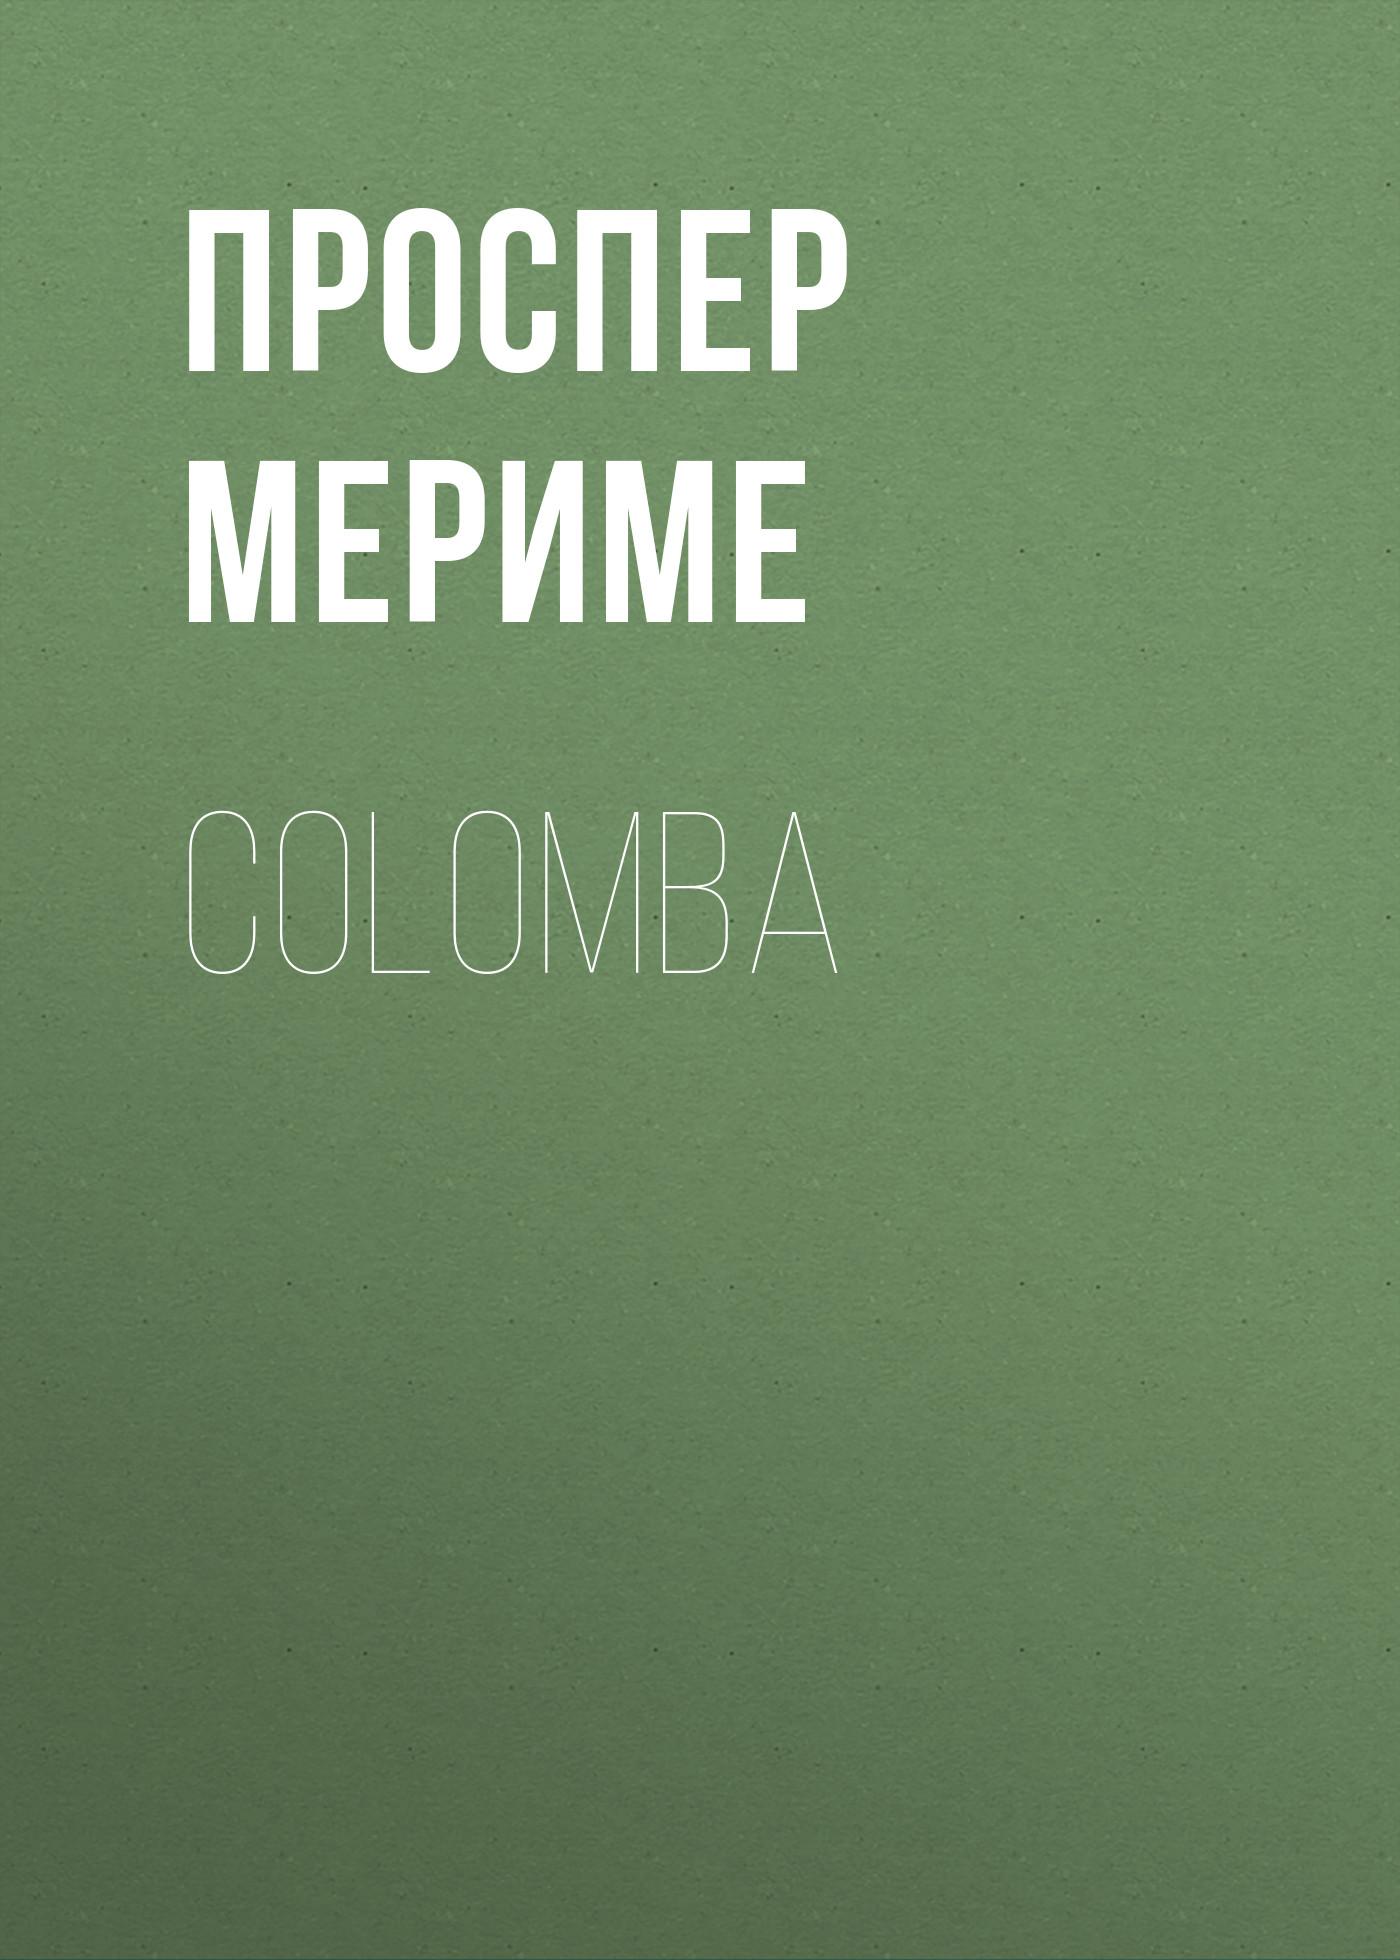 Проспер Мериме Colomba проспер мериме проспер мериме новеллы